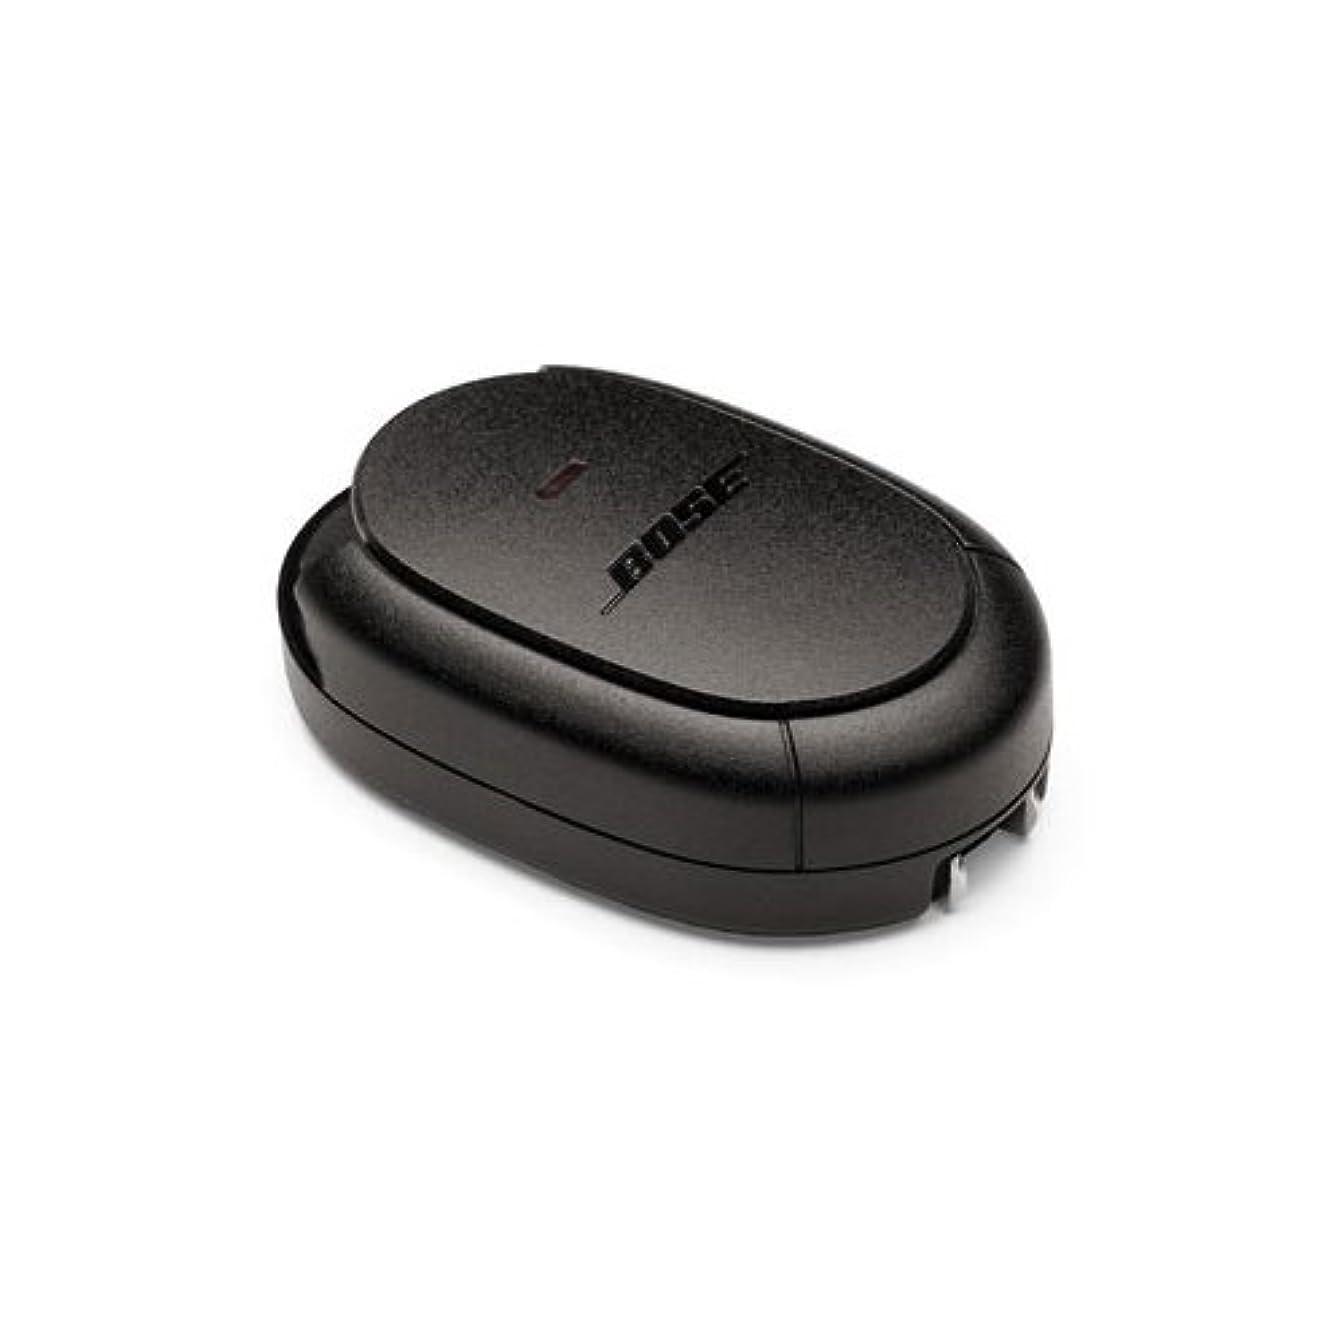 内向きパースブラックボロウヘビBose QuietComfort 3 専用バッテリーチャージャー